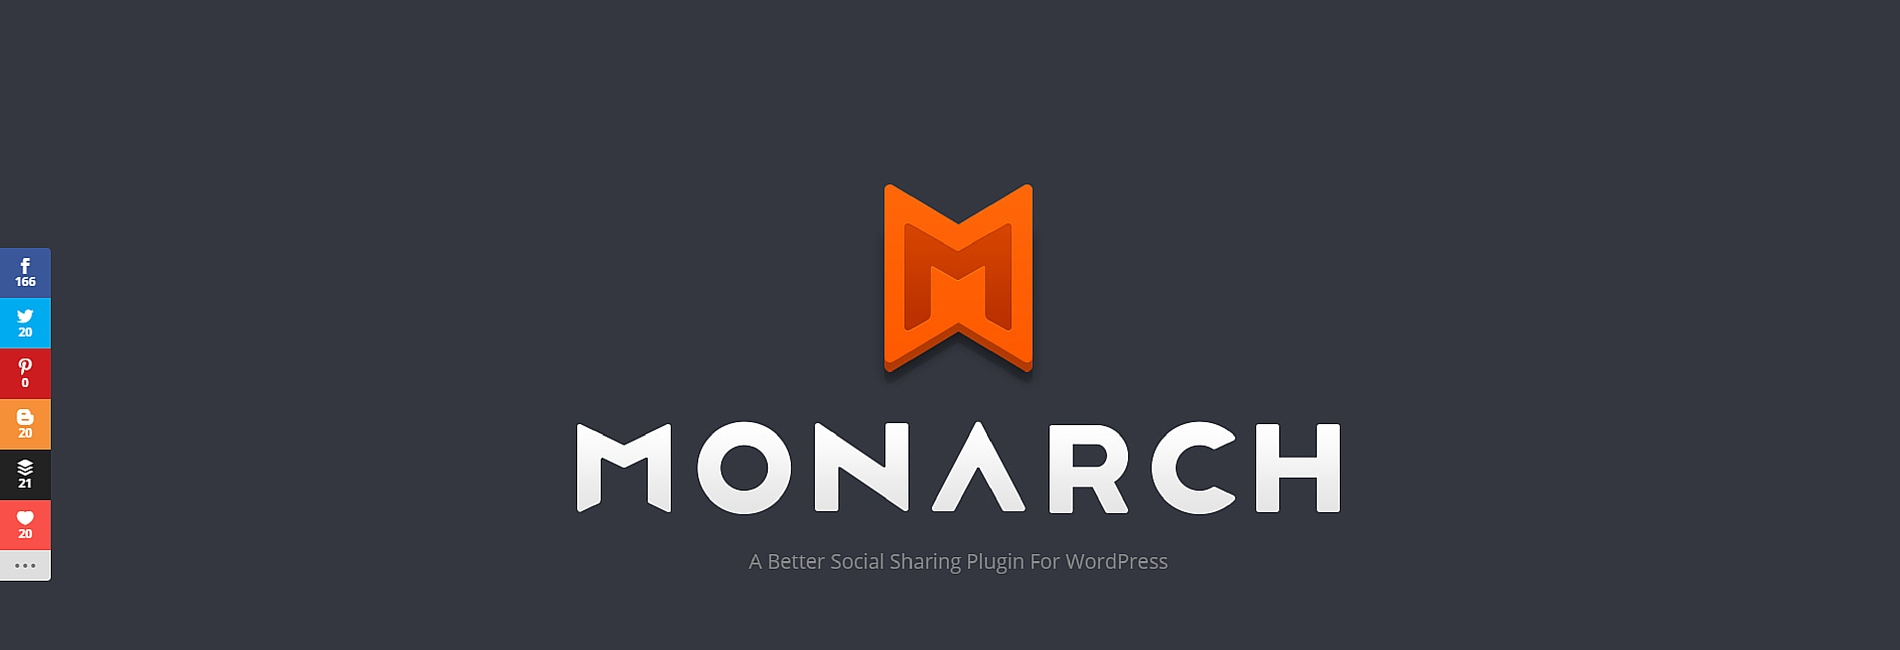 Đánh giá Monarch: Plugin chủ đề phong cách mới khuyến khích chia sẻ xã hội 1